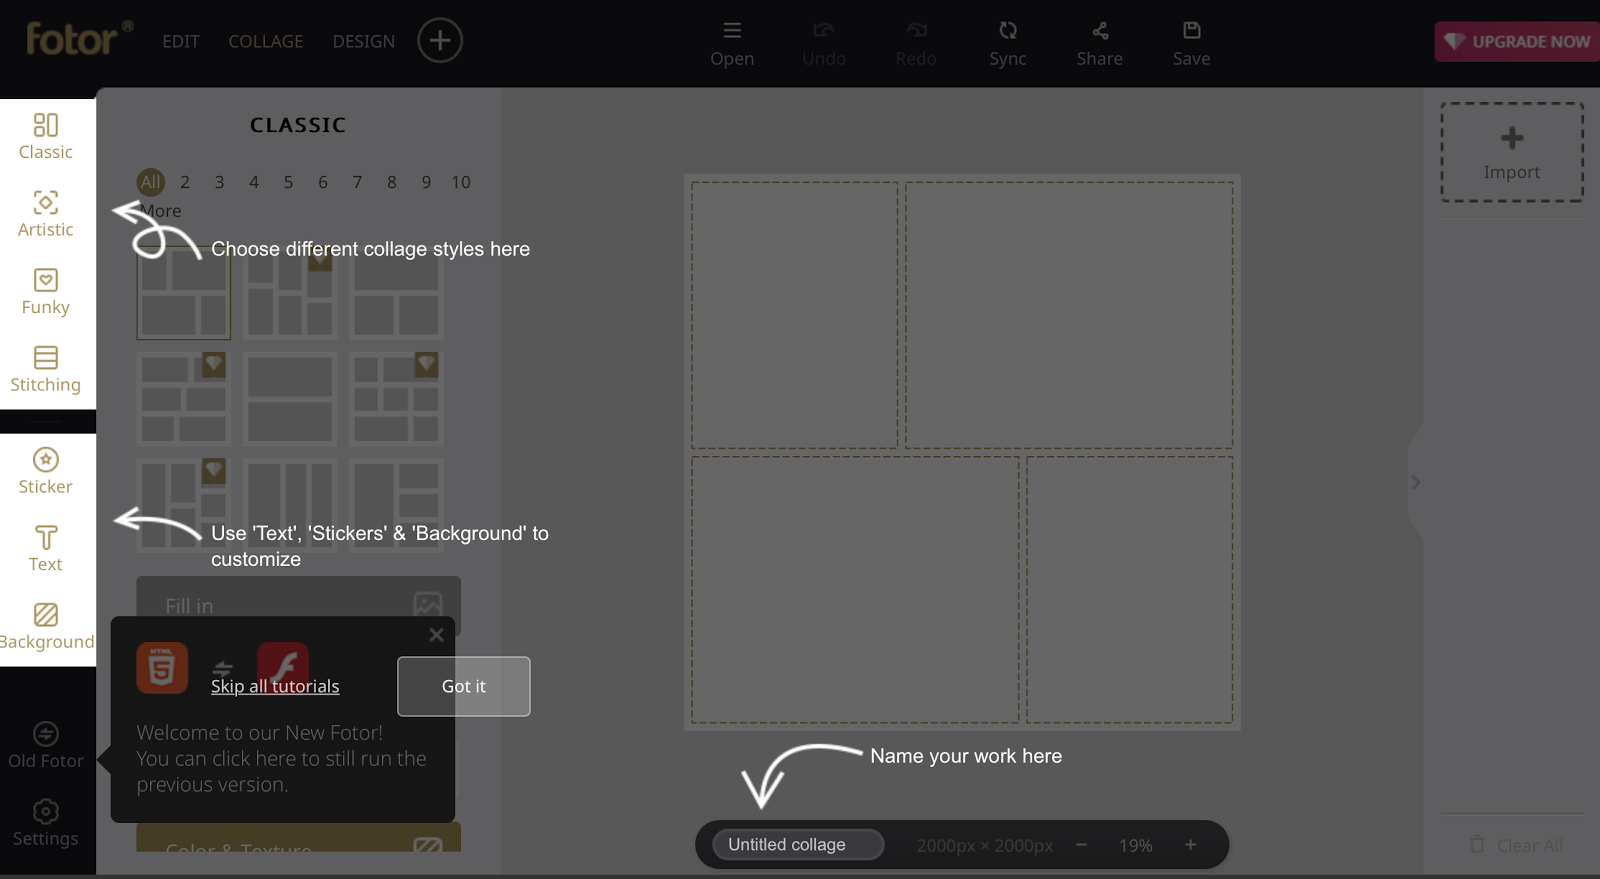 27 бесплатных сервисов для создания визуального контента без дизайнера - 14